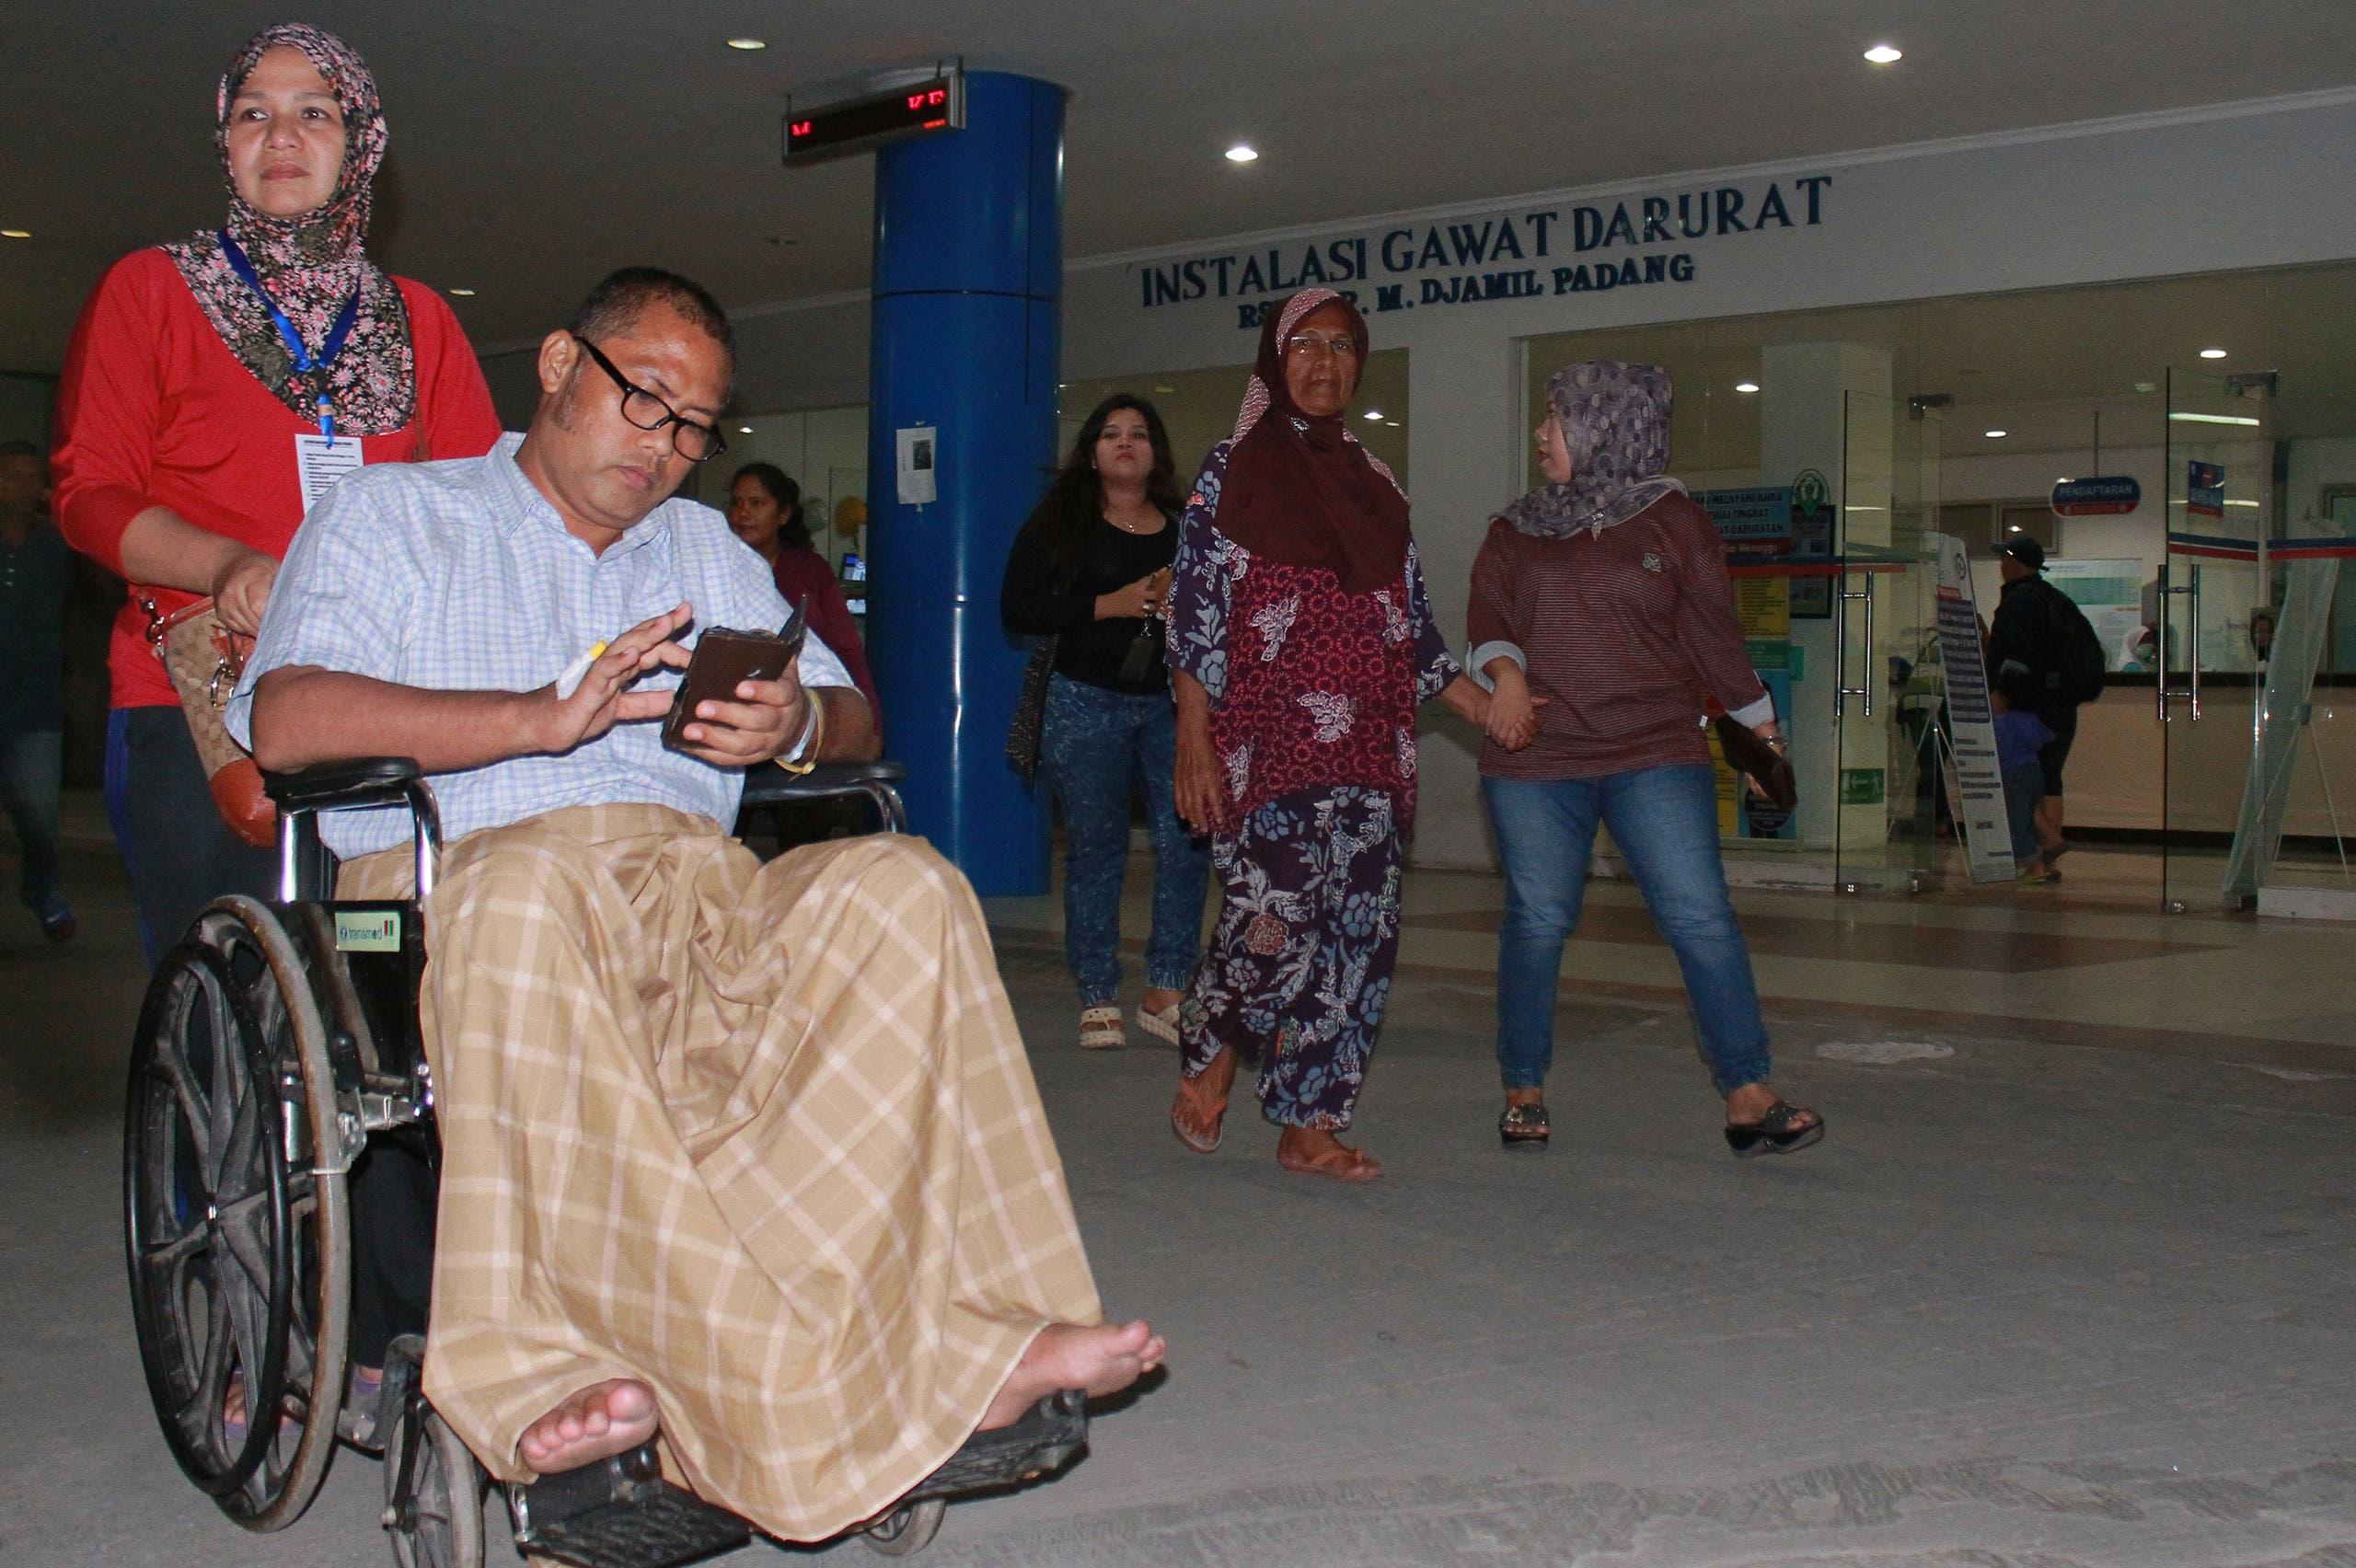 Aftershocks rock Indonesia after massive quake